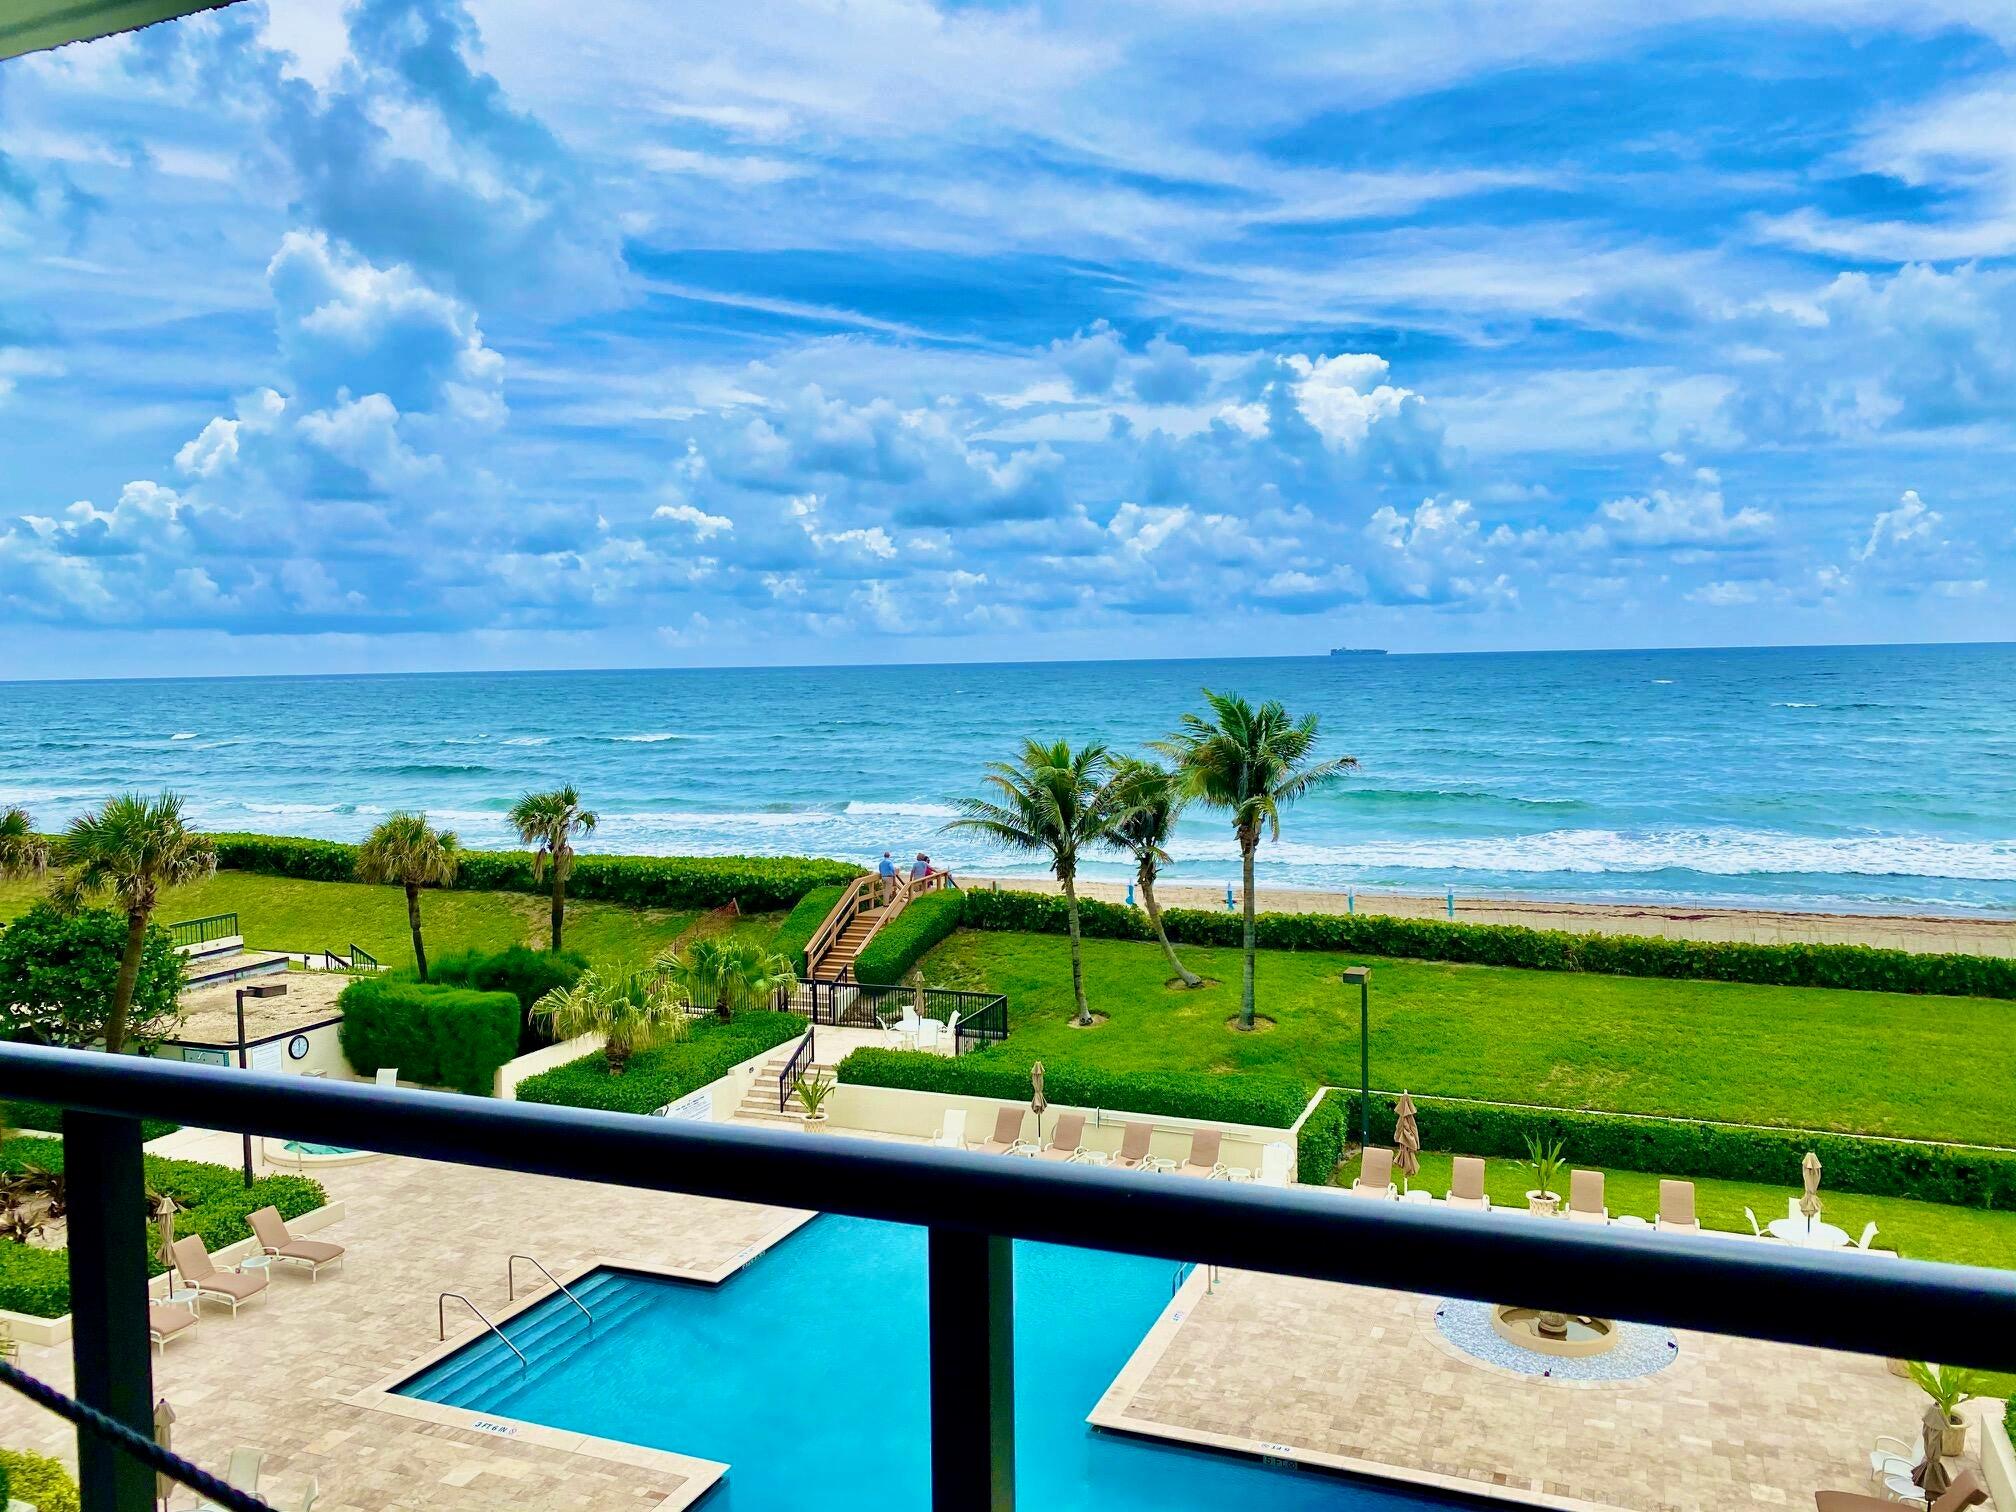 3440 S Ocean Boulevard, 302 S, Palm Beach, FL 33480